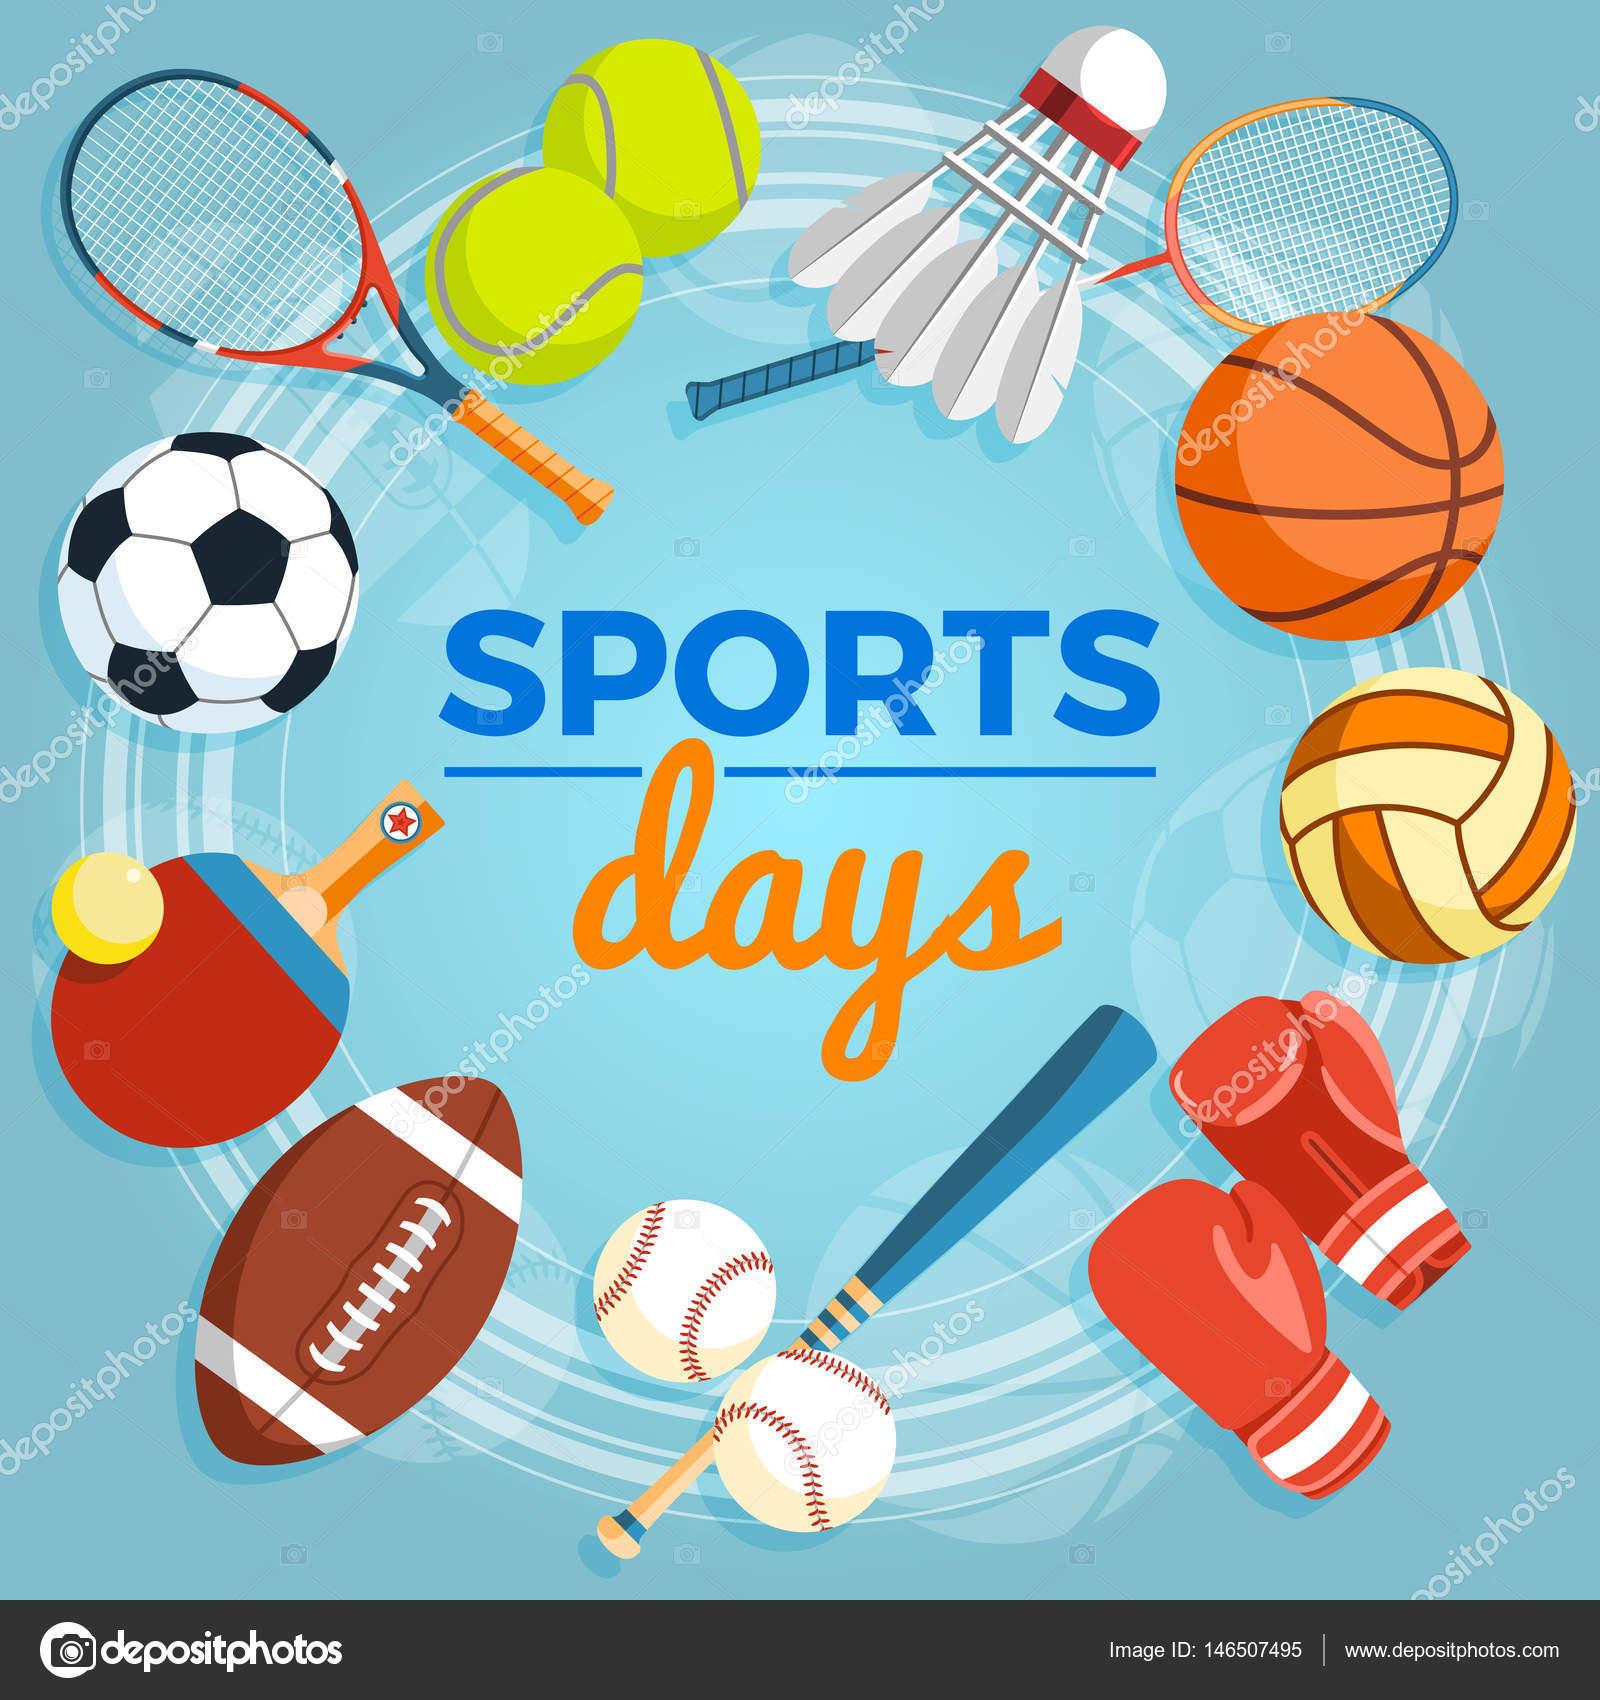 e789628891b62b Набір кулі барвисті спорту та ігор предмети на синьому тлі. Кулі для регбі,  волейбол, баскетбол, футбол, бейсбол, теніс, бадмінтон shuttlecock.